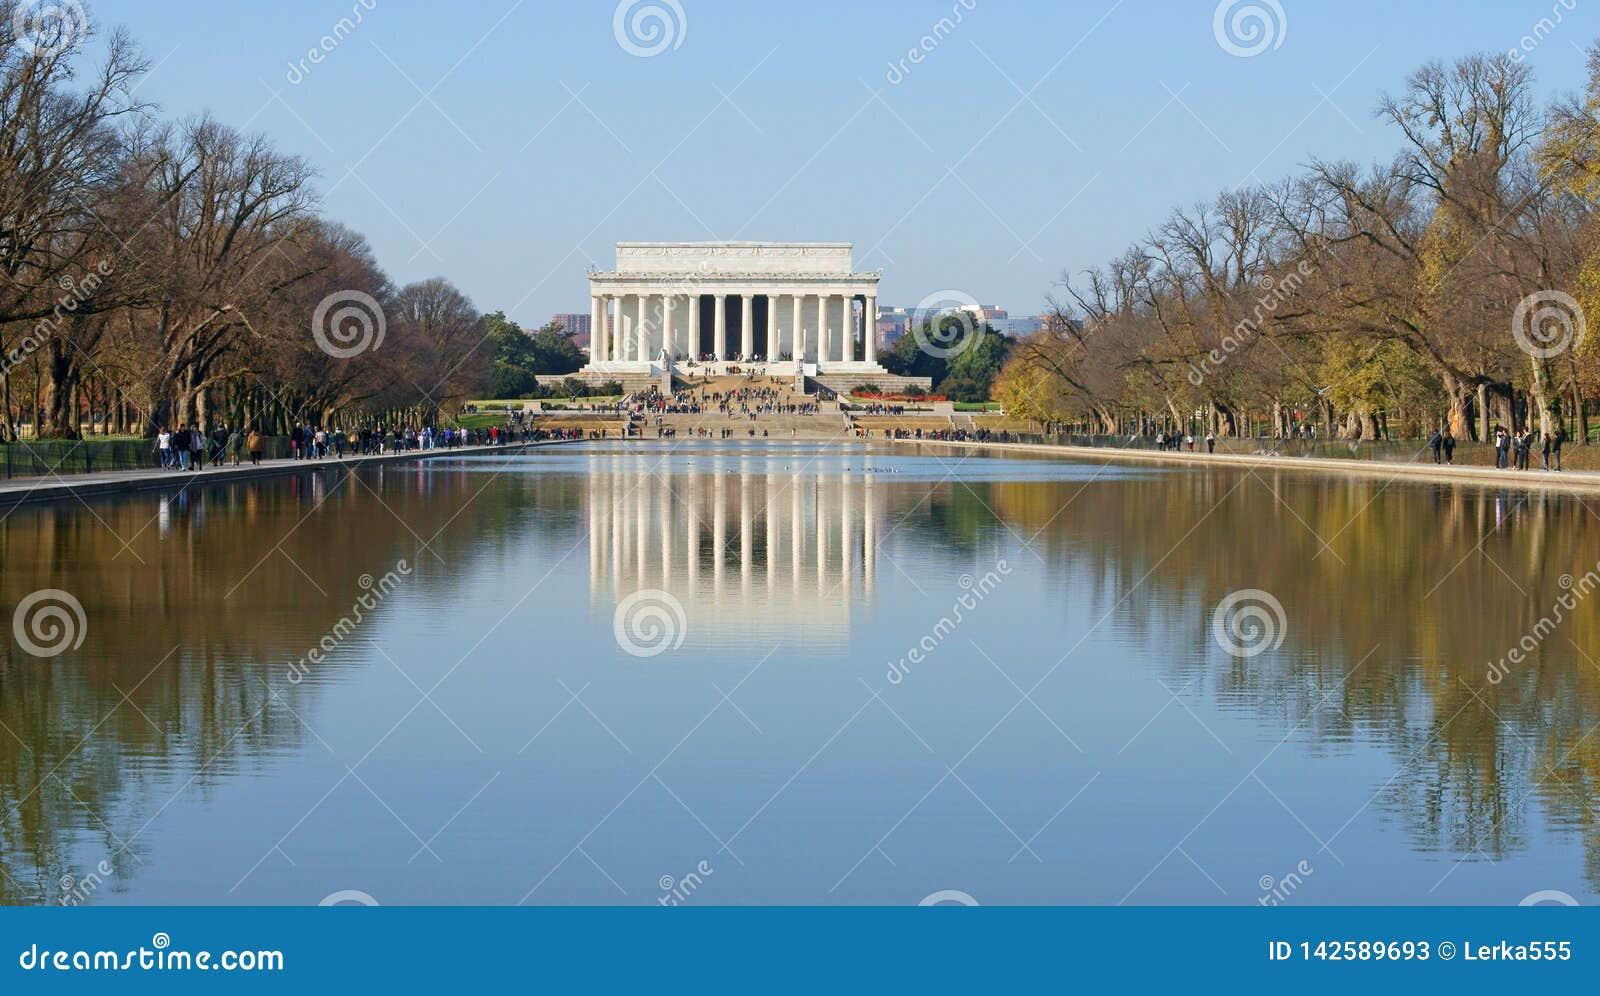 Lincoln Memorial, Amerikaans nationaal die monument wordt gebouwd om 16de President van Verenigde Staten, Abraham Lincoln te eren